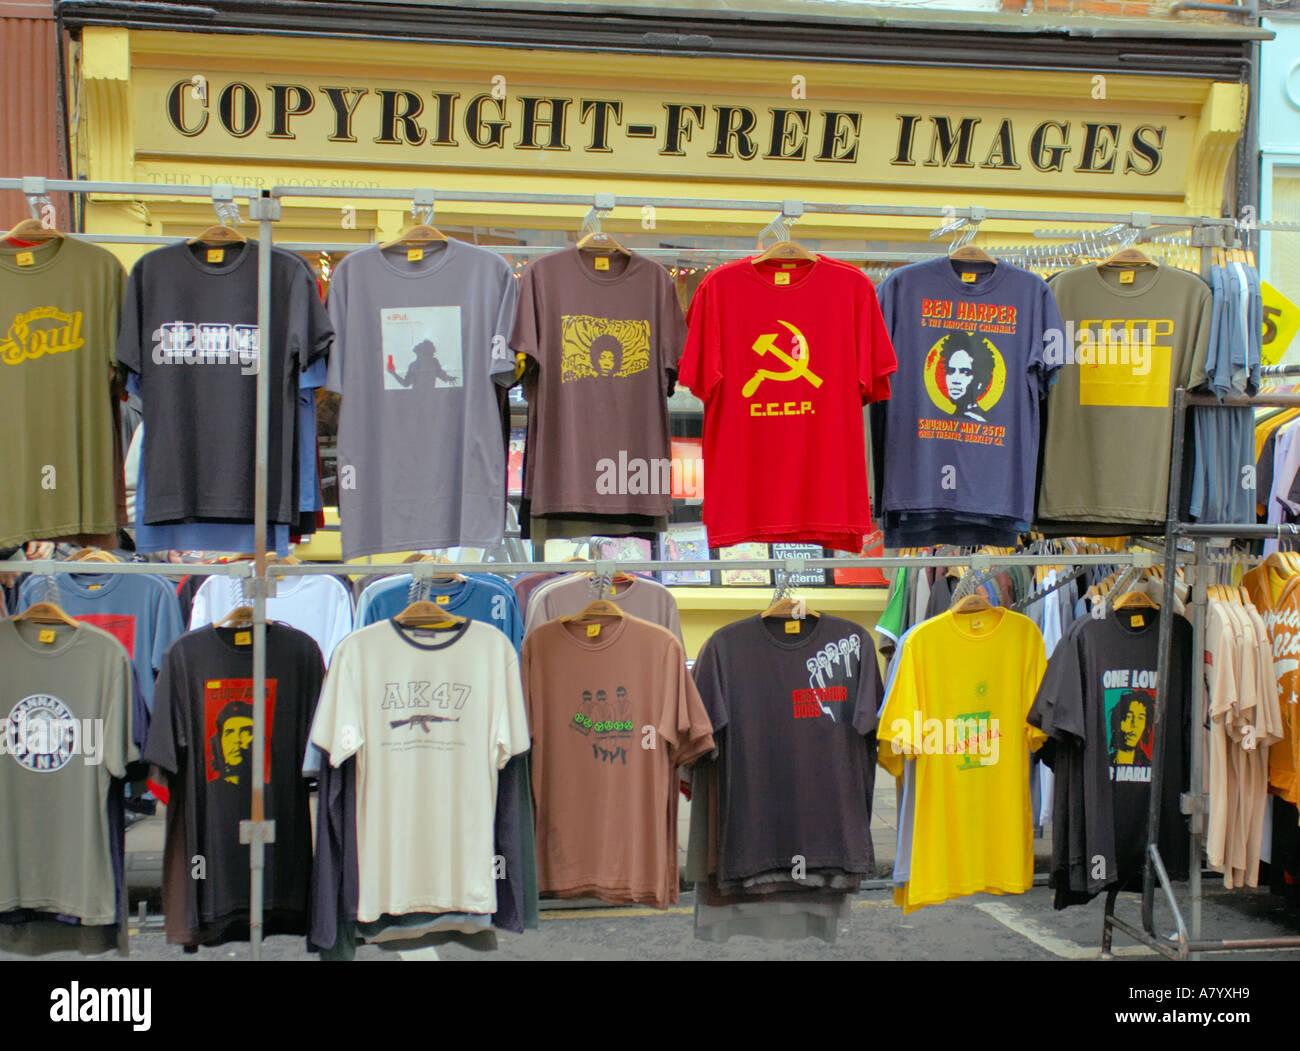 Camisetas en un puesto en el mercado en el Covent Garden de Londres fuera de una tienda con signo de imágenes libres de derechos de autor Foto de stock